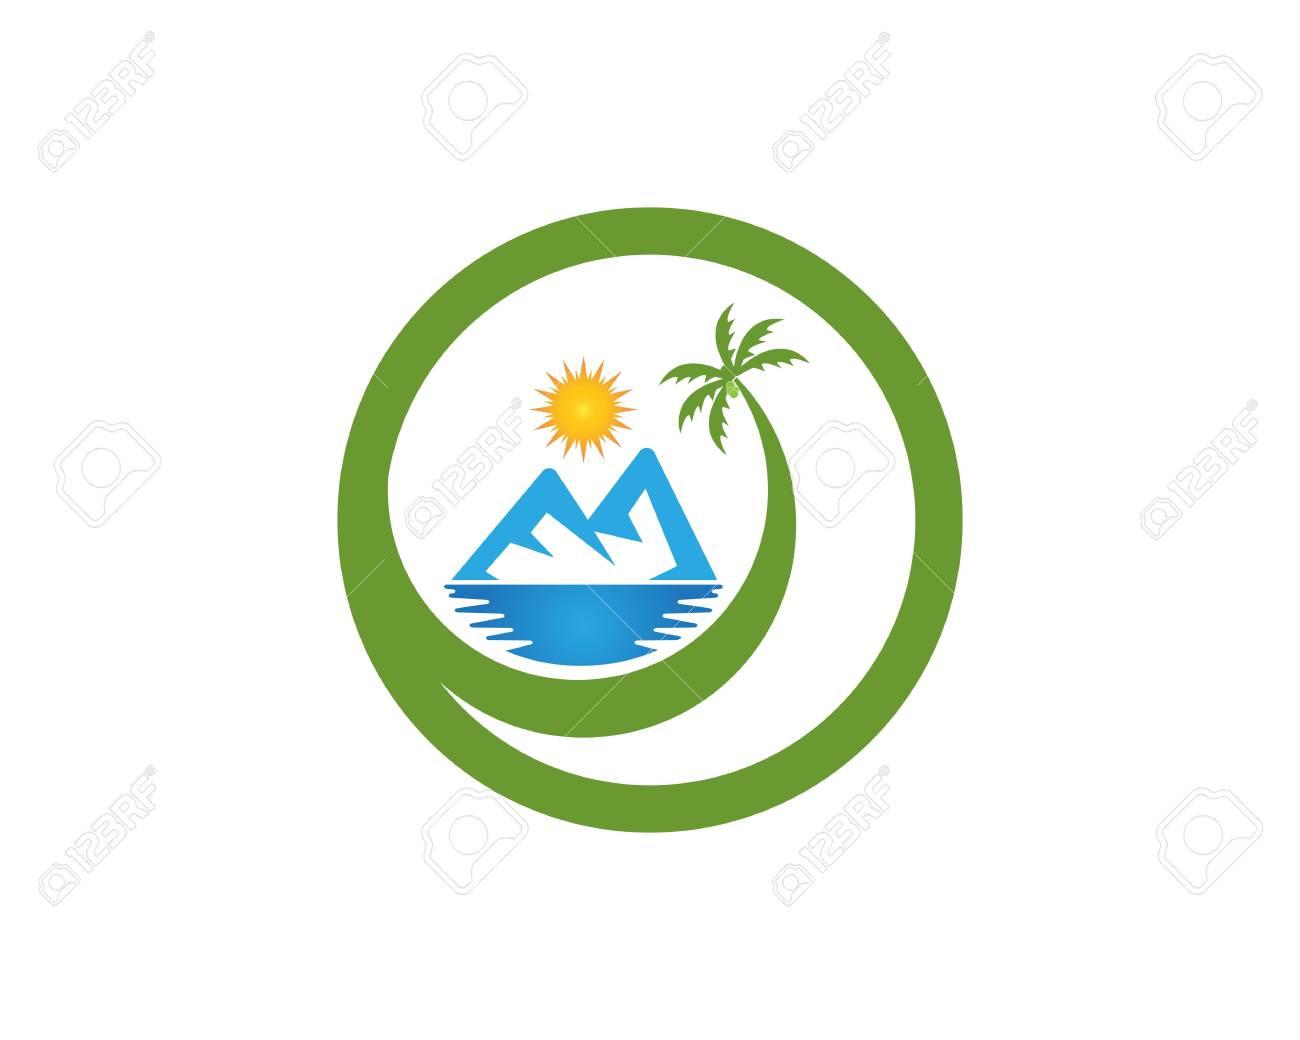 Beach hollidays icon logo vector trmplate - 114696269